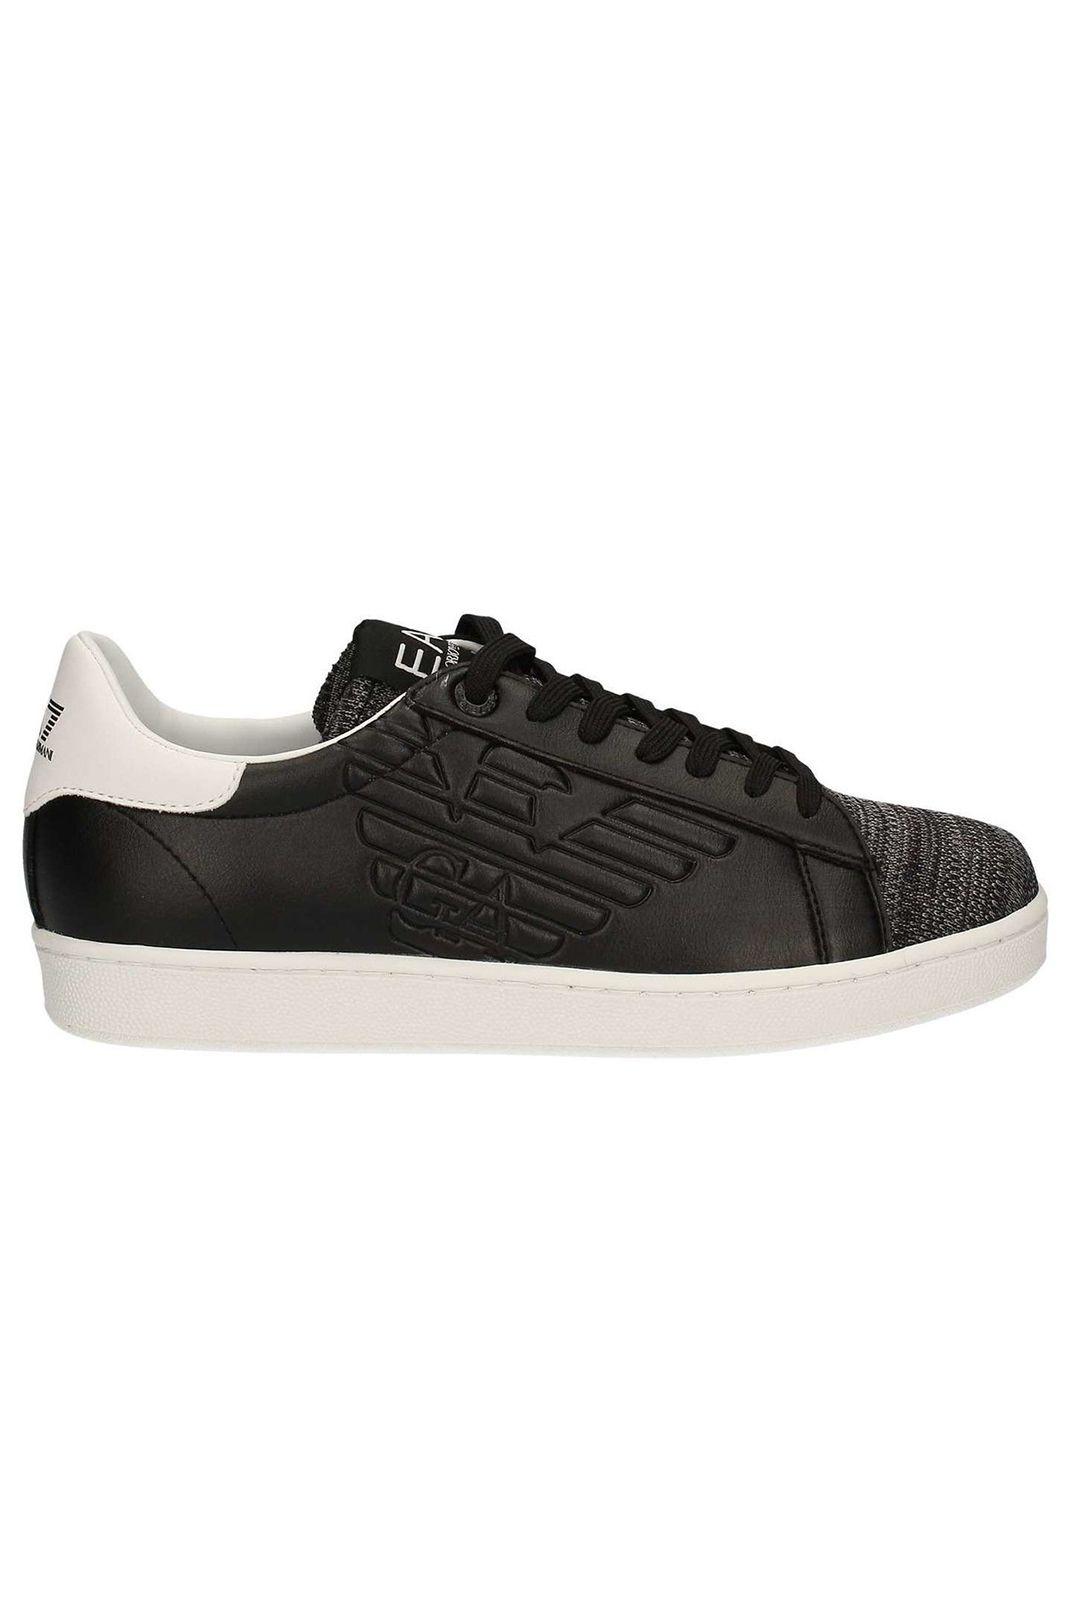 Emporio armani - baskets 278080 7p299 noir homme | Chaussures pour